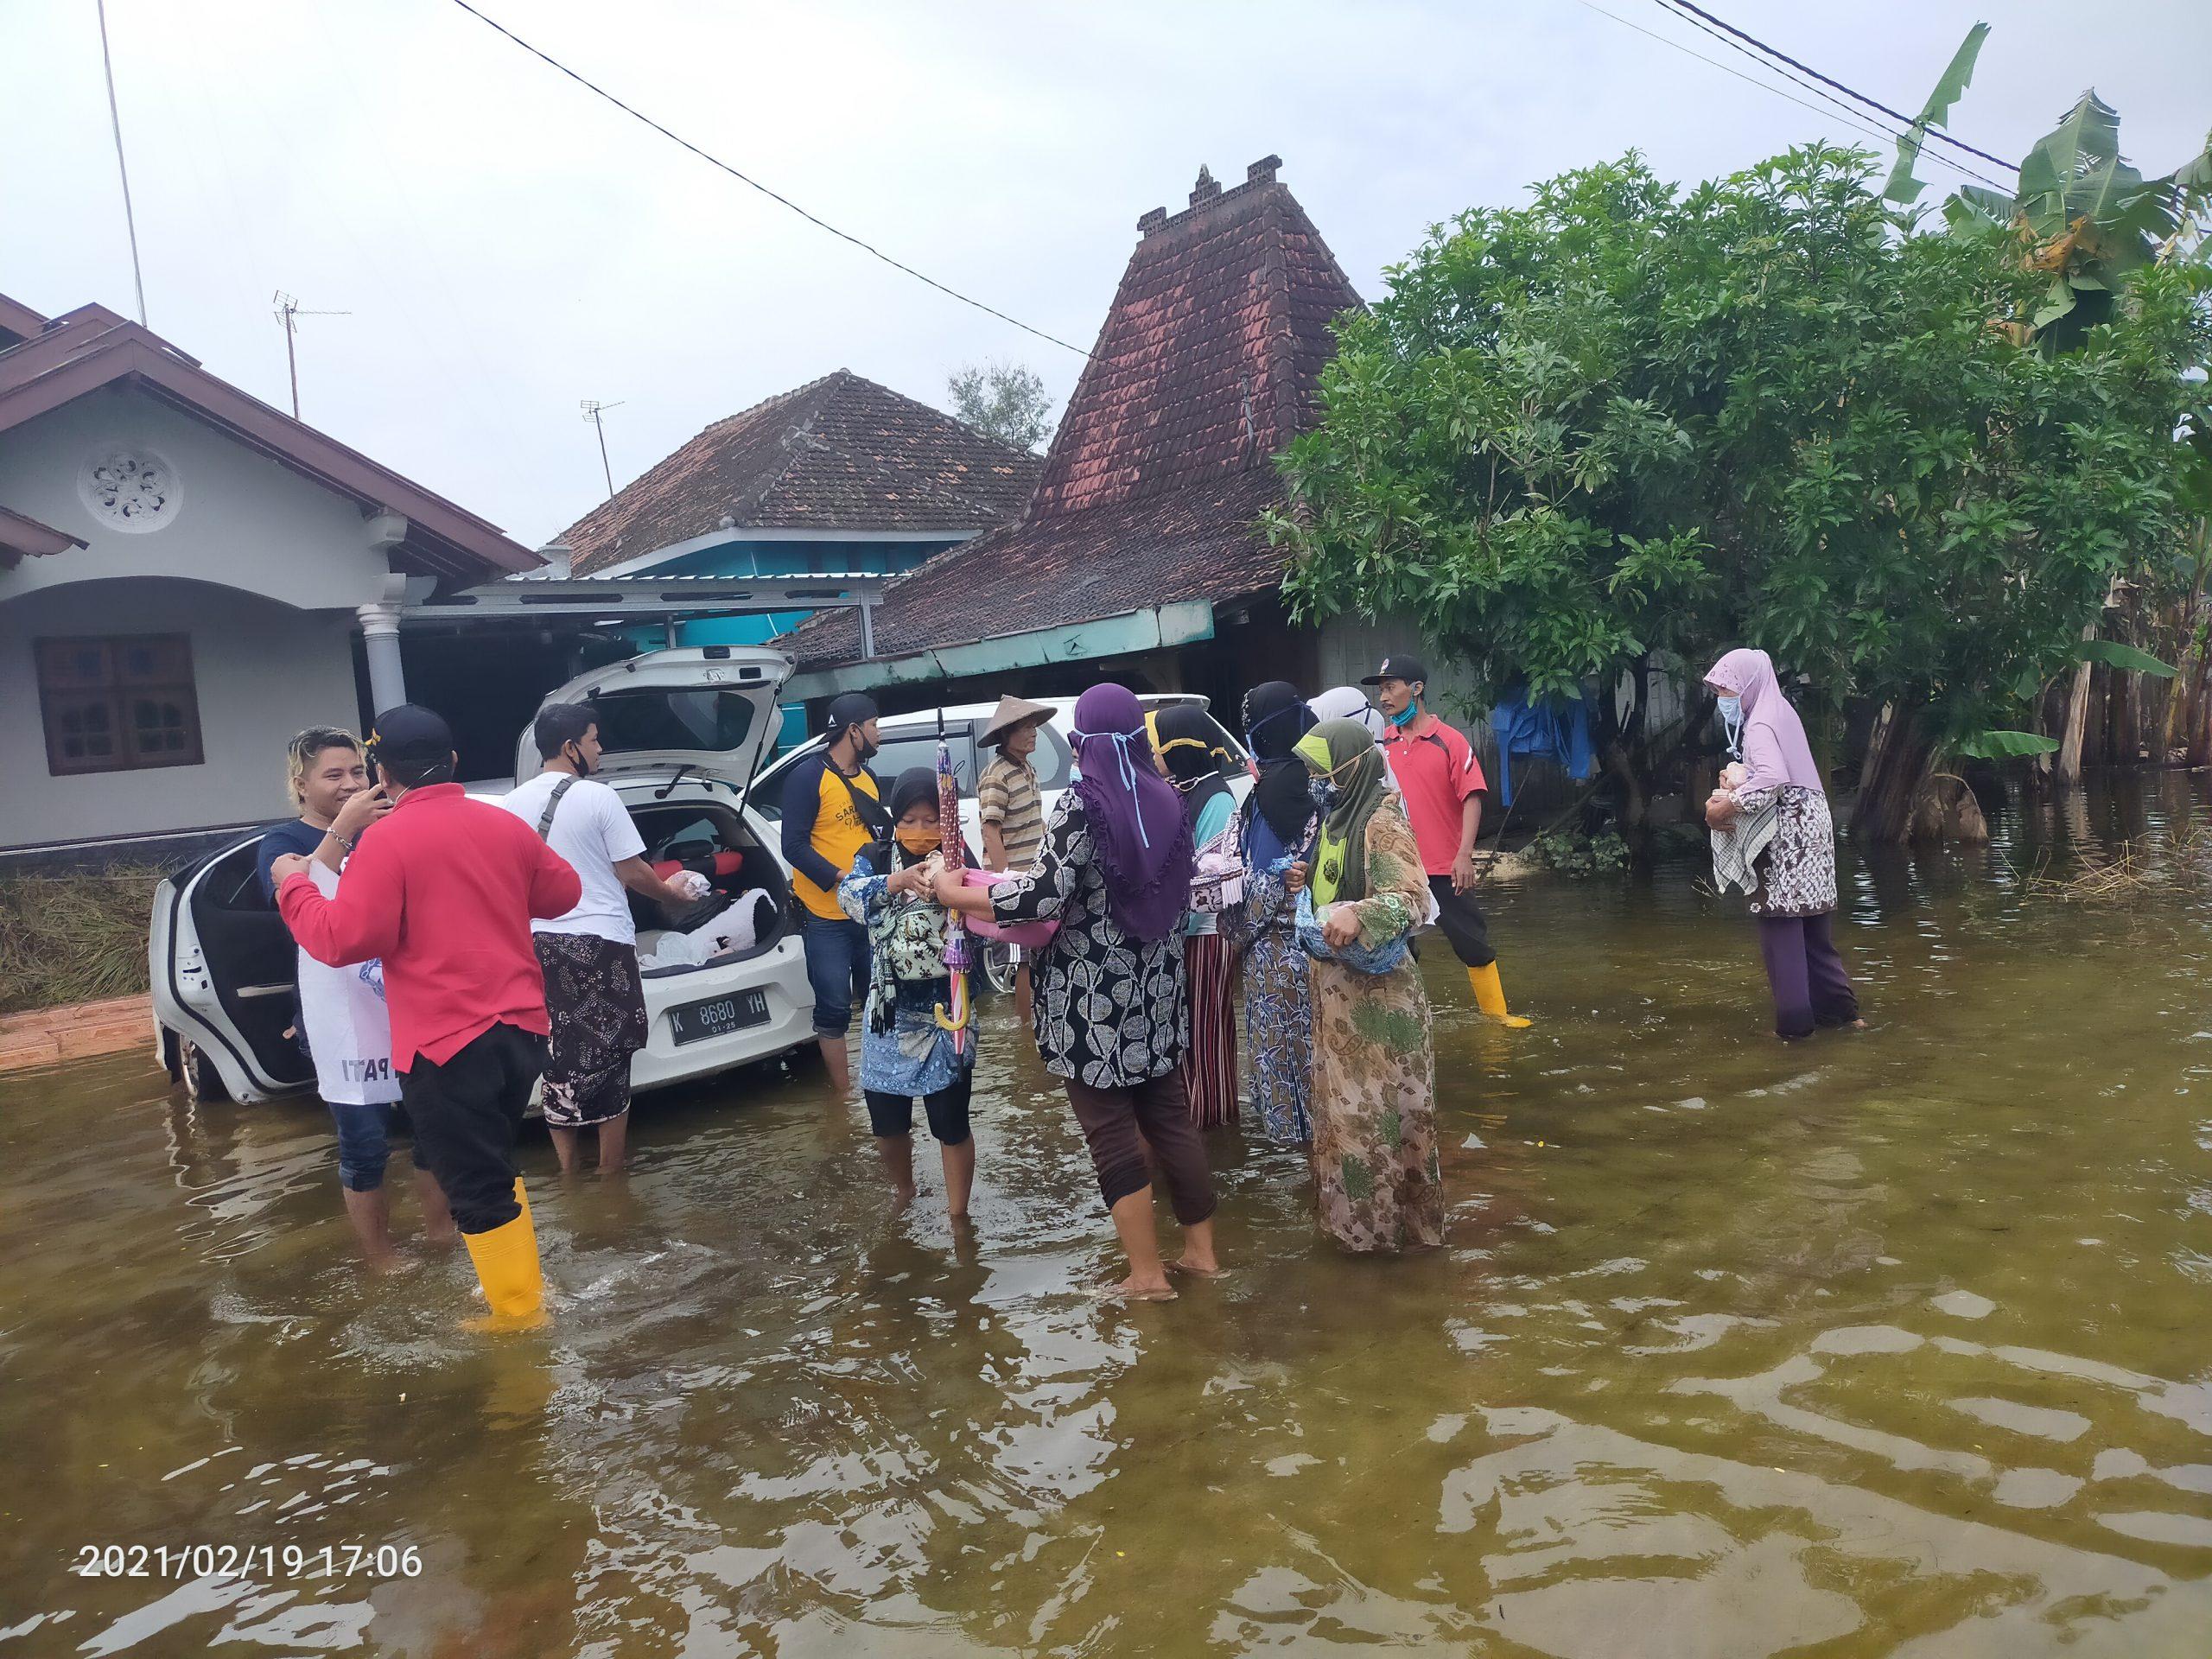 Jumat Berkah, Group PBJ Peduli Bencana, Salurkan Bantuan Kepada Warga Terdampak Banjir